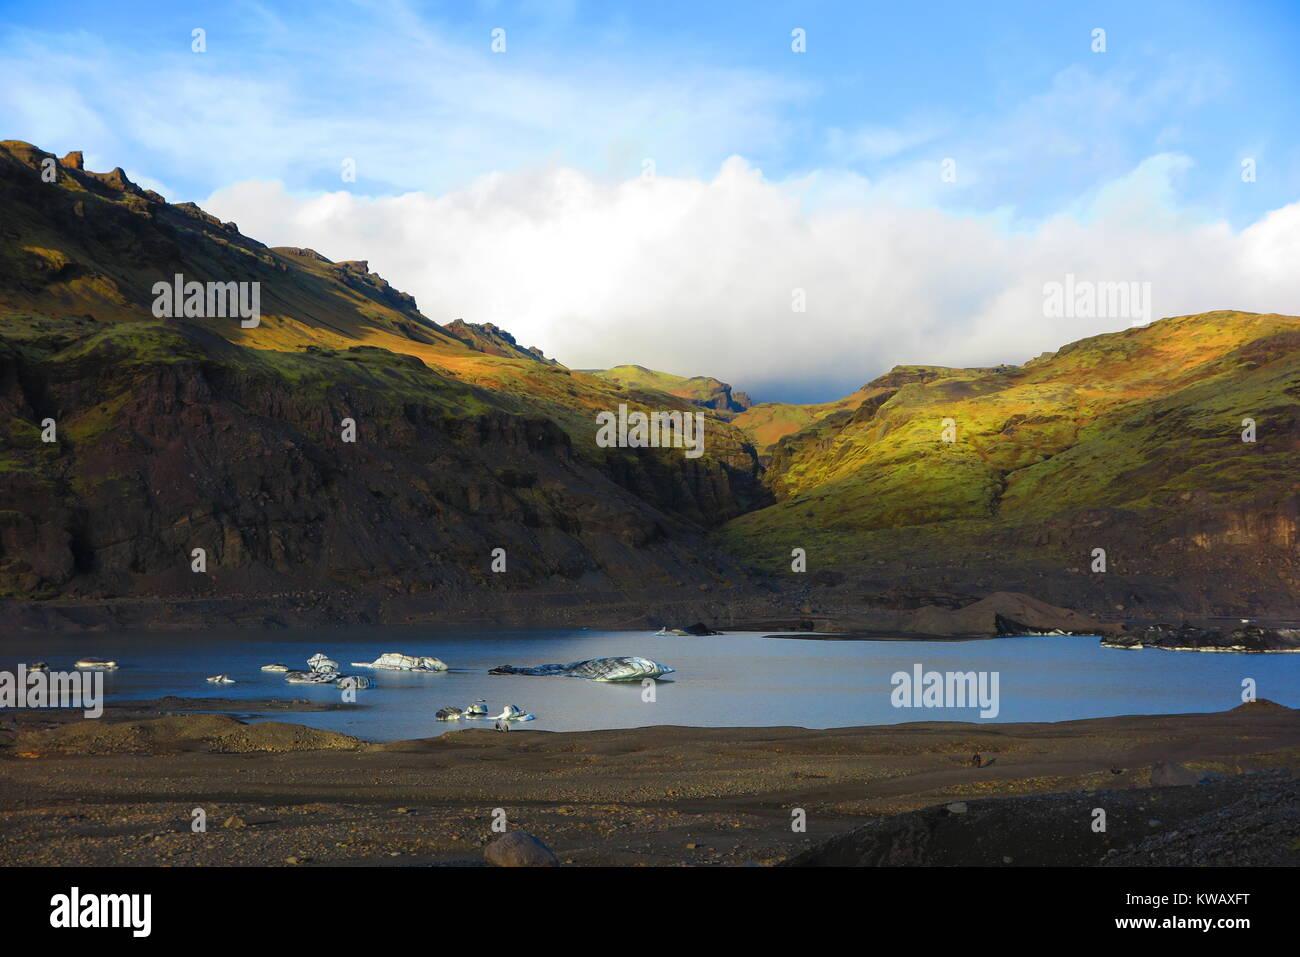 Lake near Solheimajokull glacier in Iceland - Stock Image